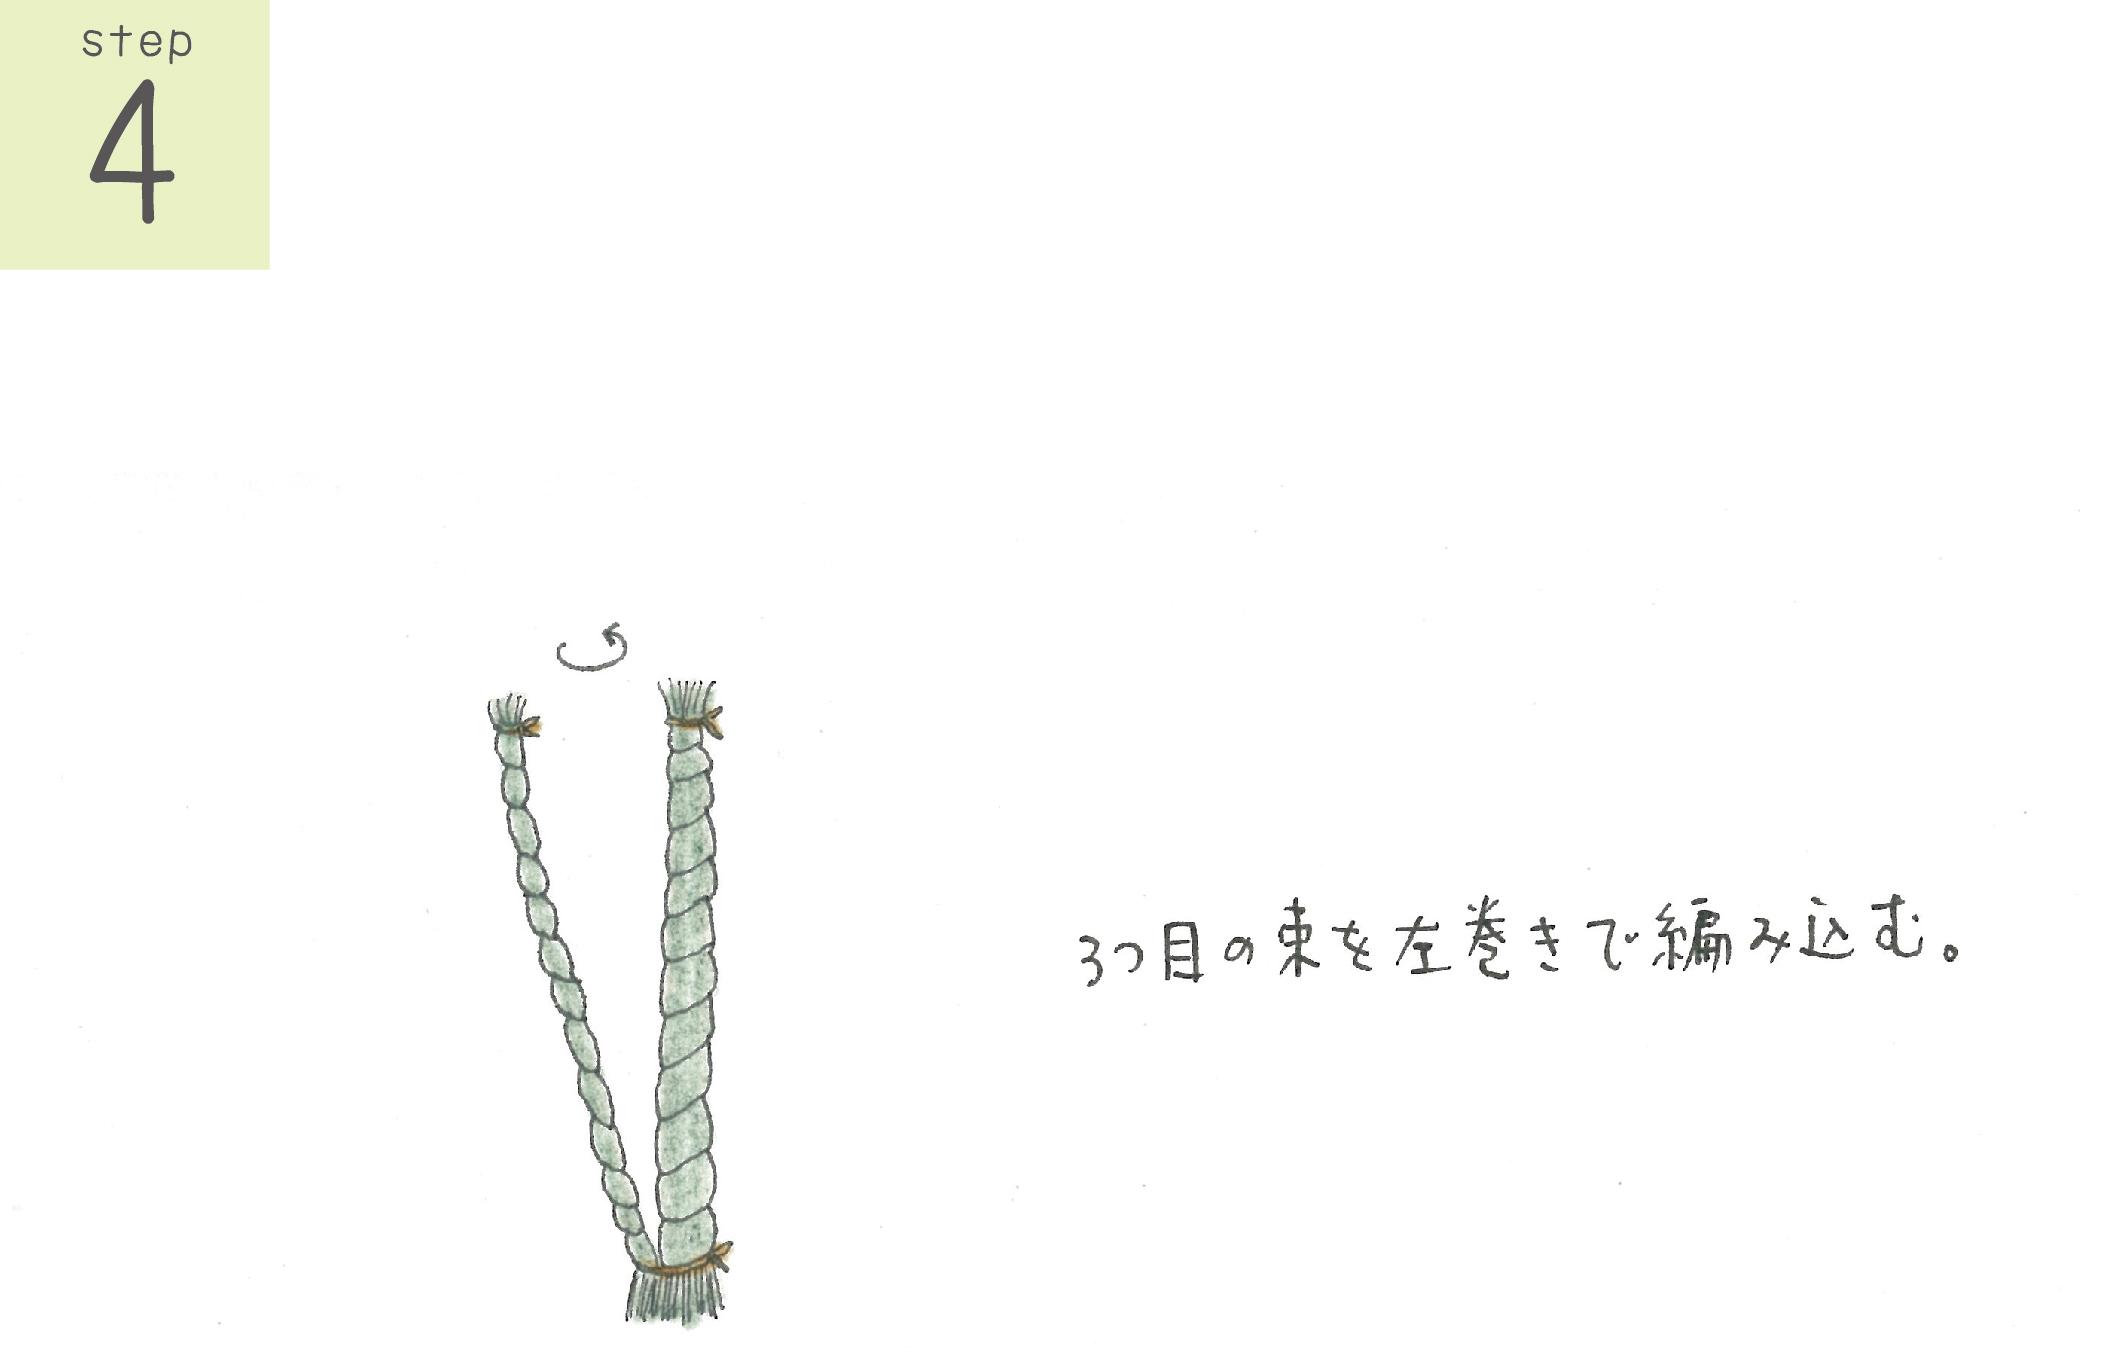 しめ縄の作り方の手順